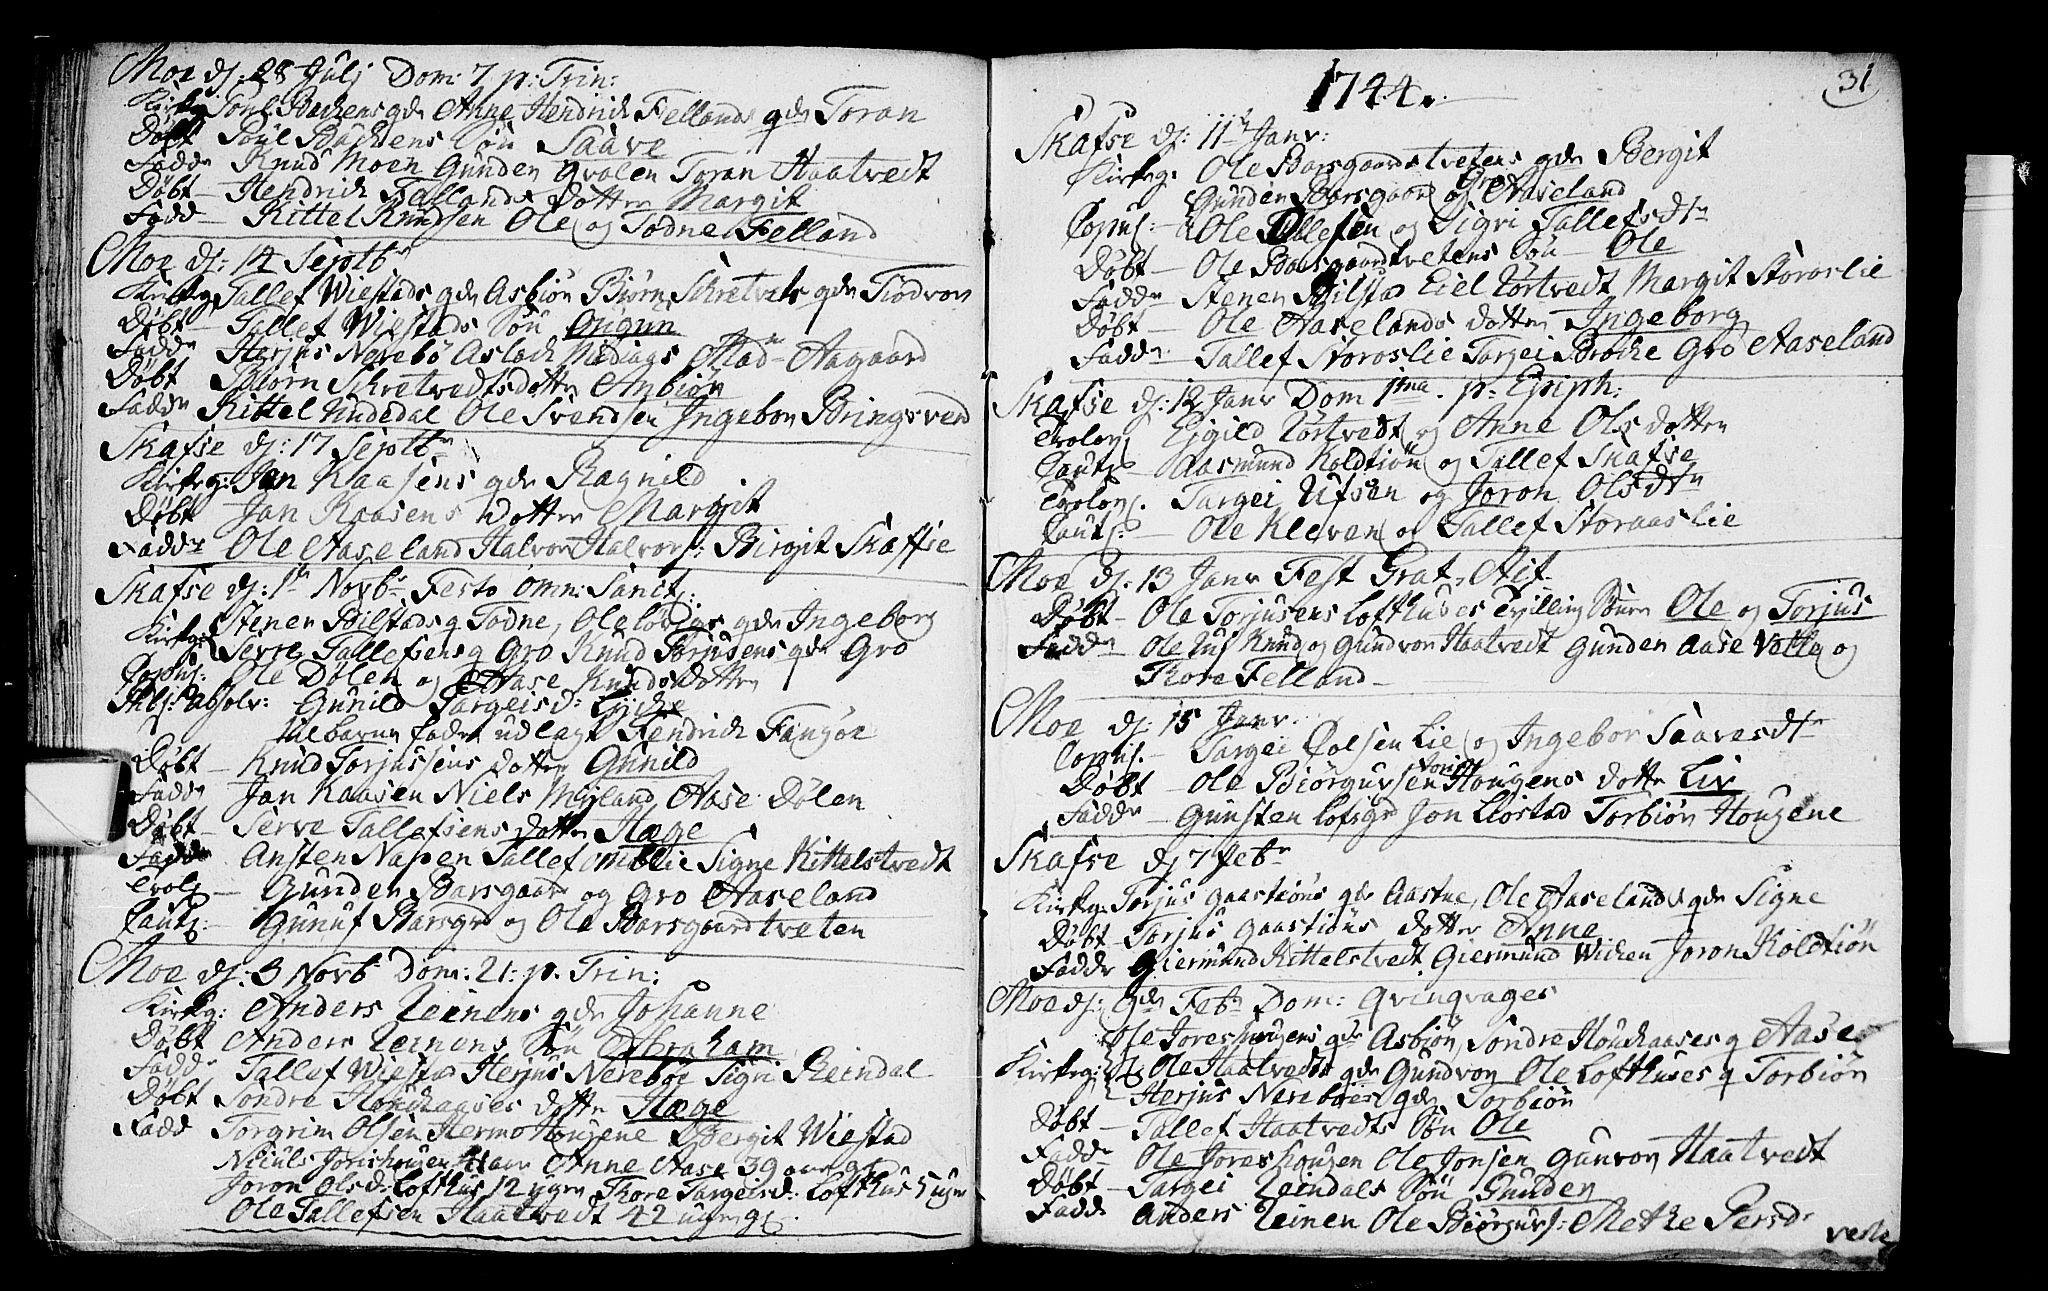 SAKO, Mo kirkebøker, F/Fa/L0001: Ministerialbok nr. I 1, 1724-1748, s. 31